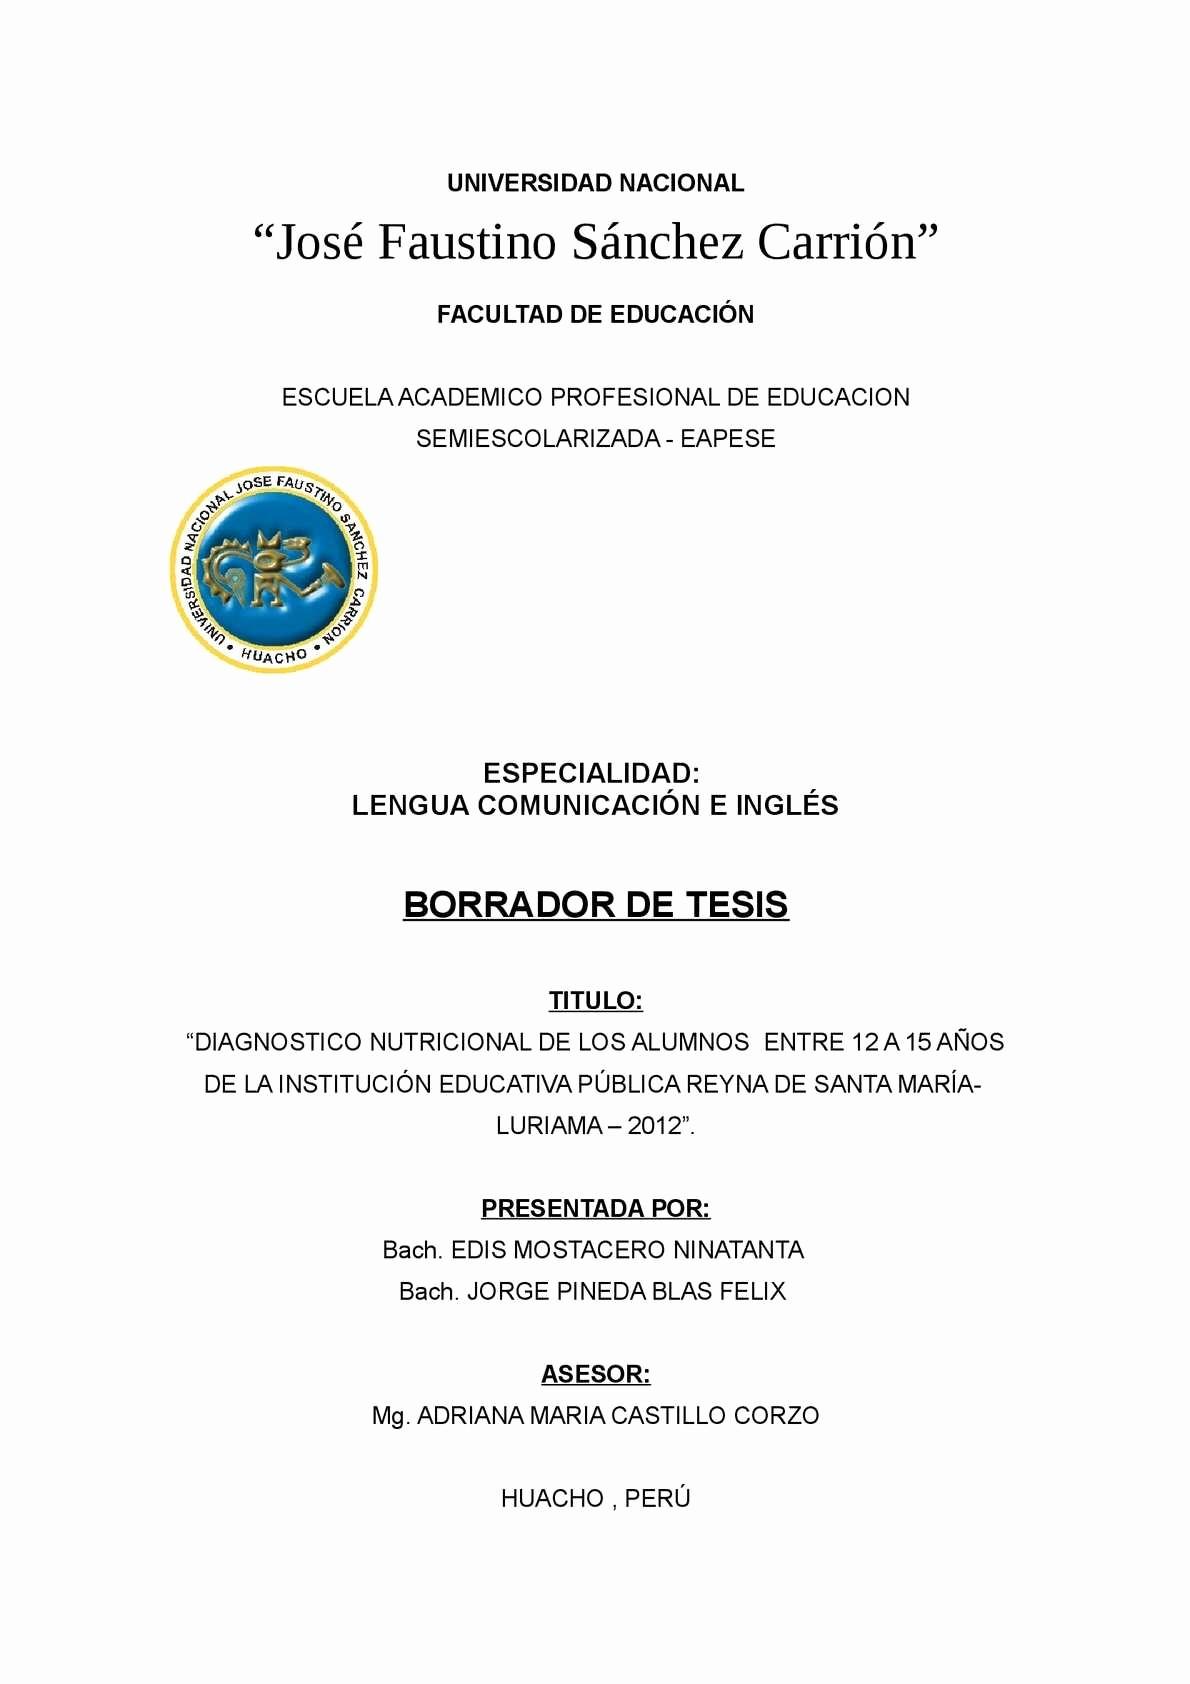 Formatos De Caratulas Para Trabajos Elegant Calaméo Tesis Desnutricion